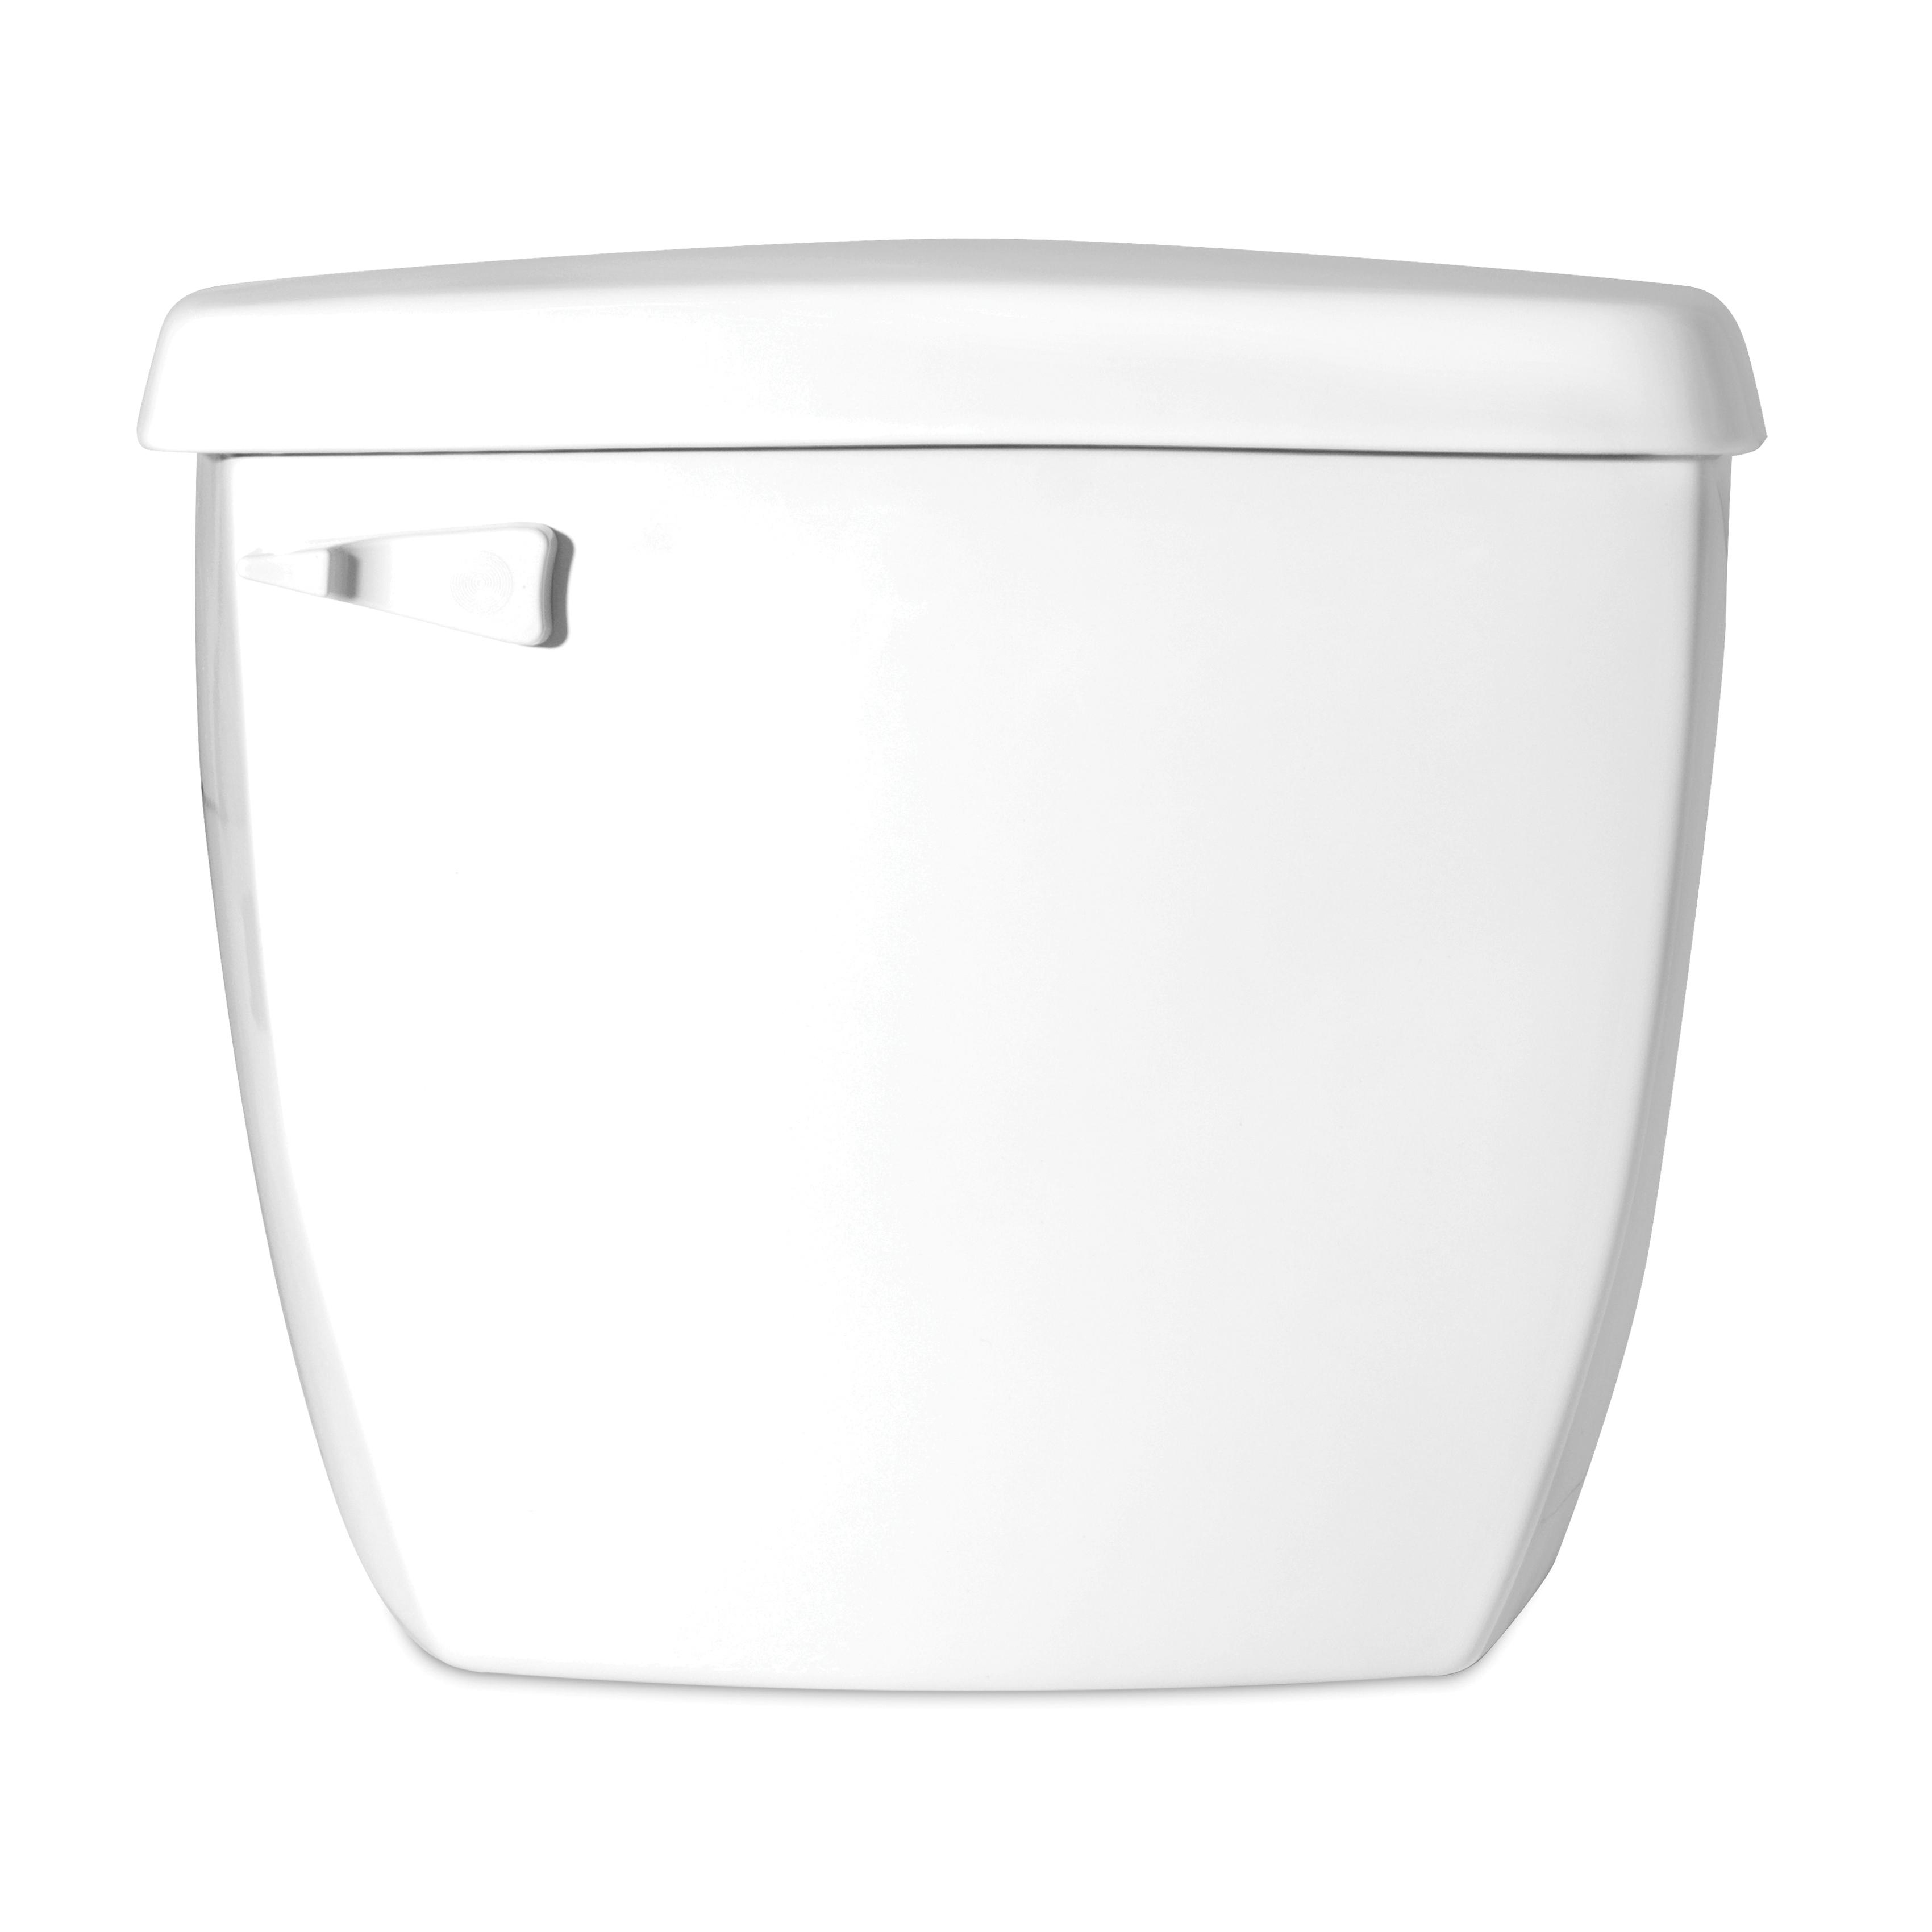 Saniflo® Saniflush® 005 Insulated Toilet Tank, 1.6 gpf, White, Import